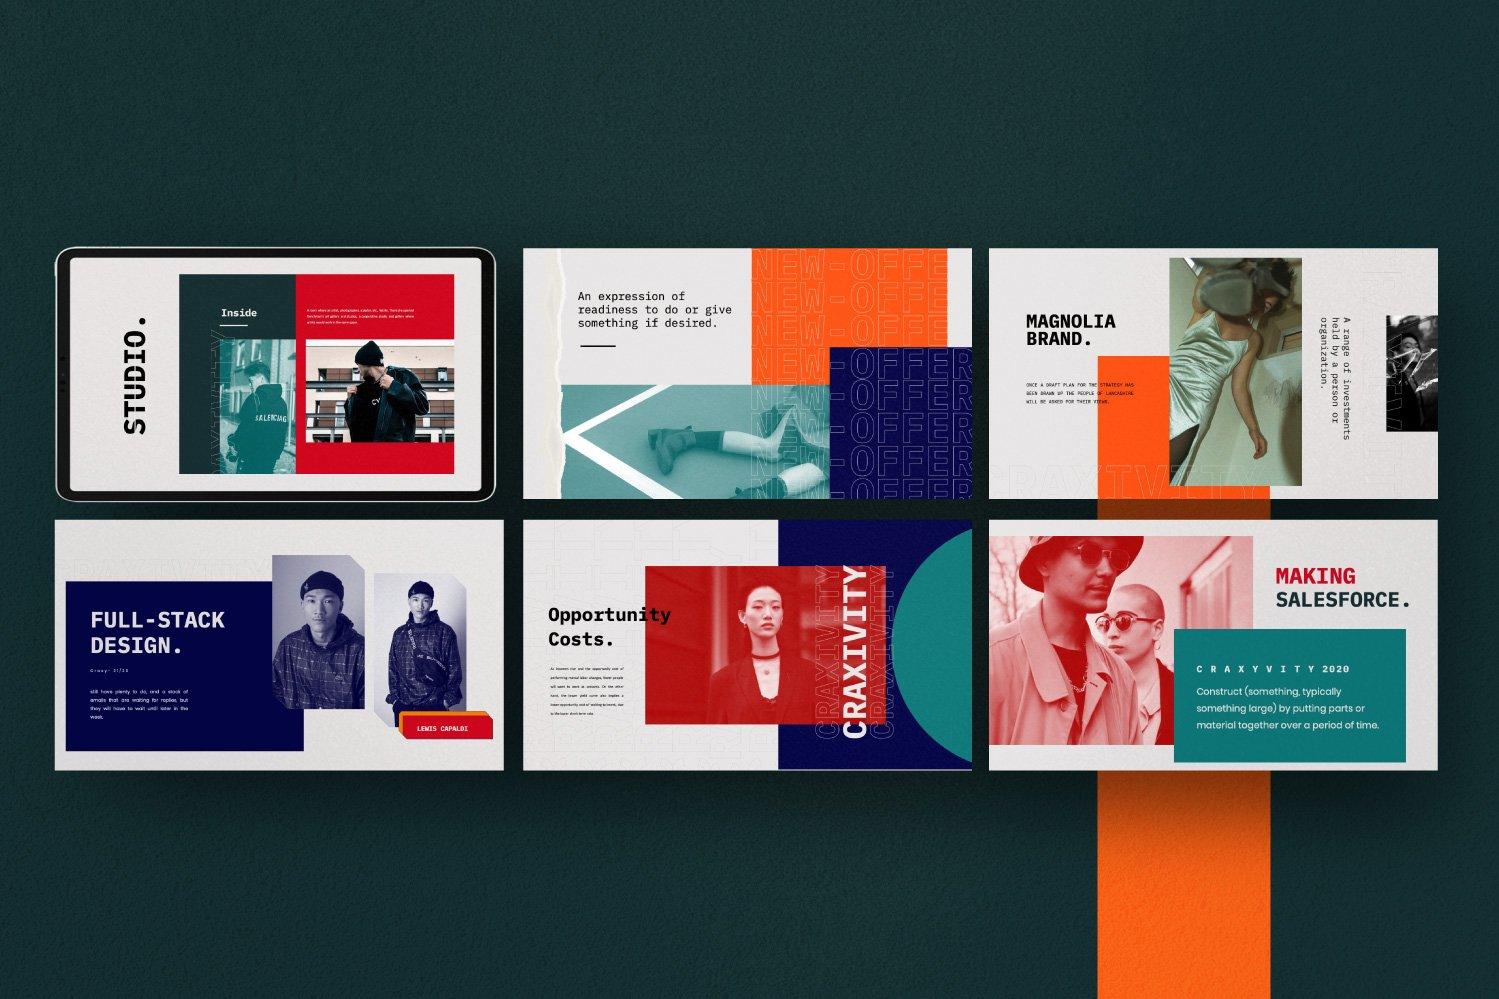 时尚潮流商业策划书幻灯片设计模板 CRAXITVIY – Powerpoint插图(4)